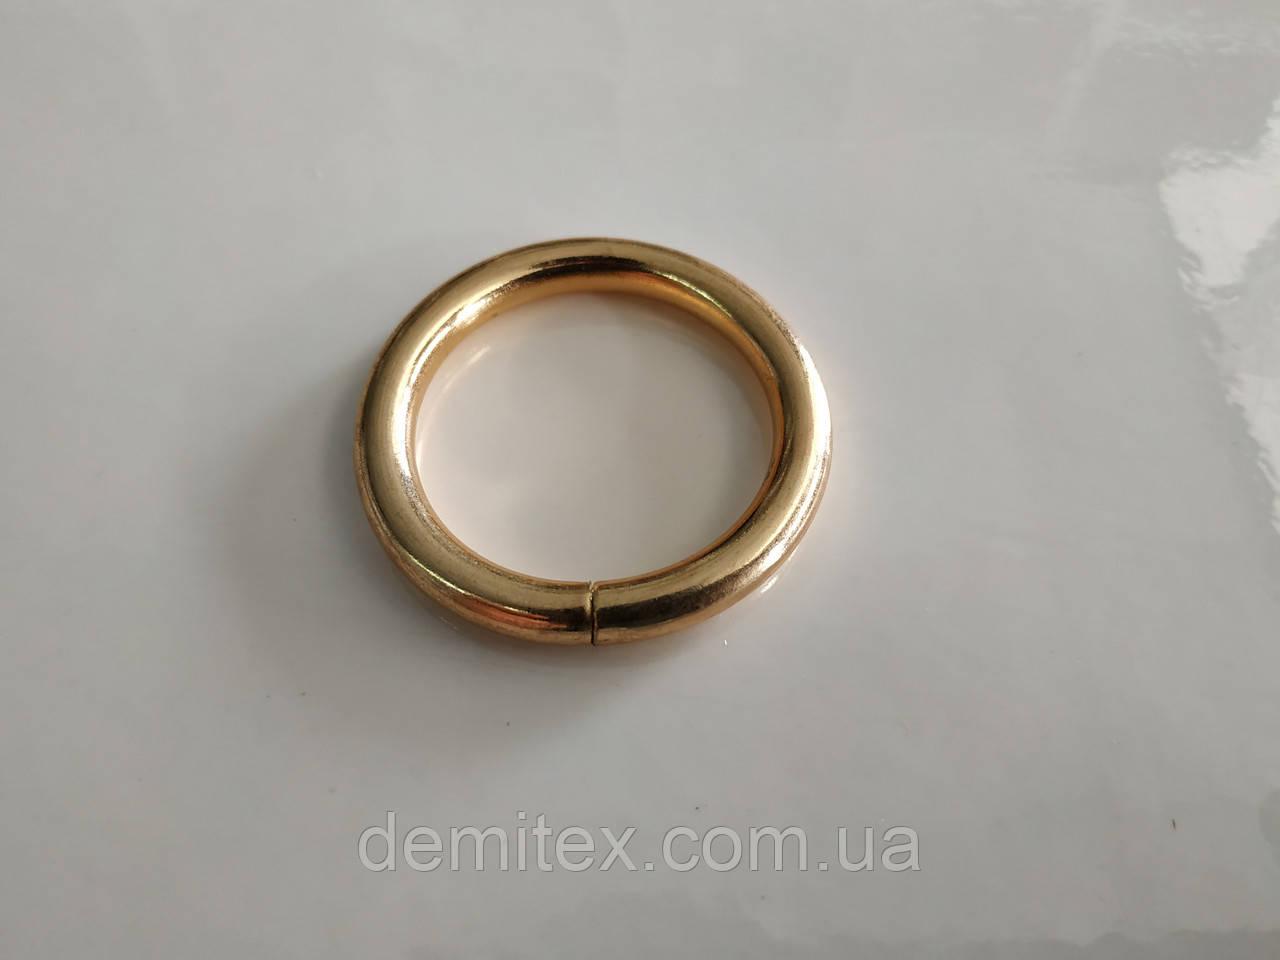 Кільце золото 30х3.5мм